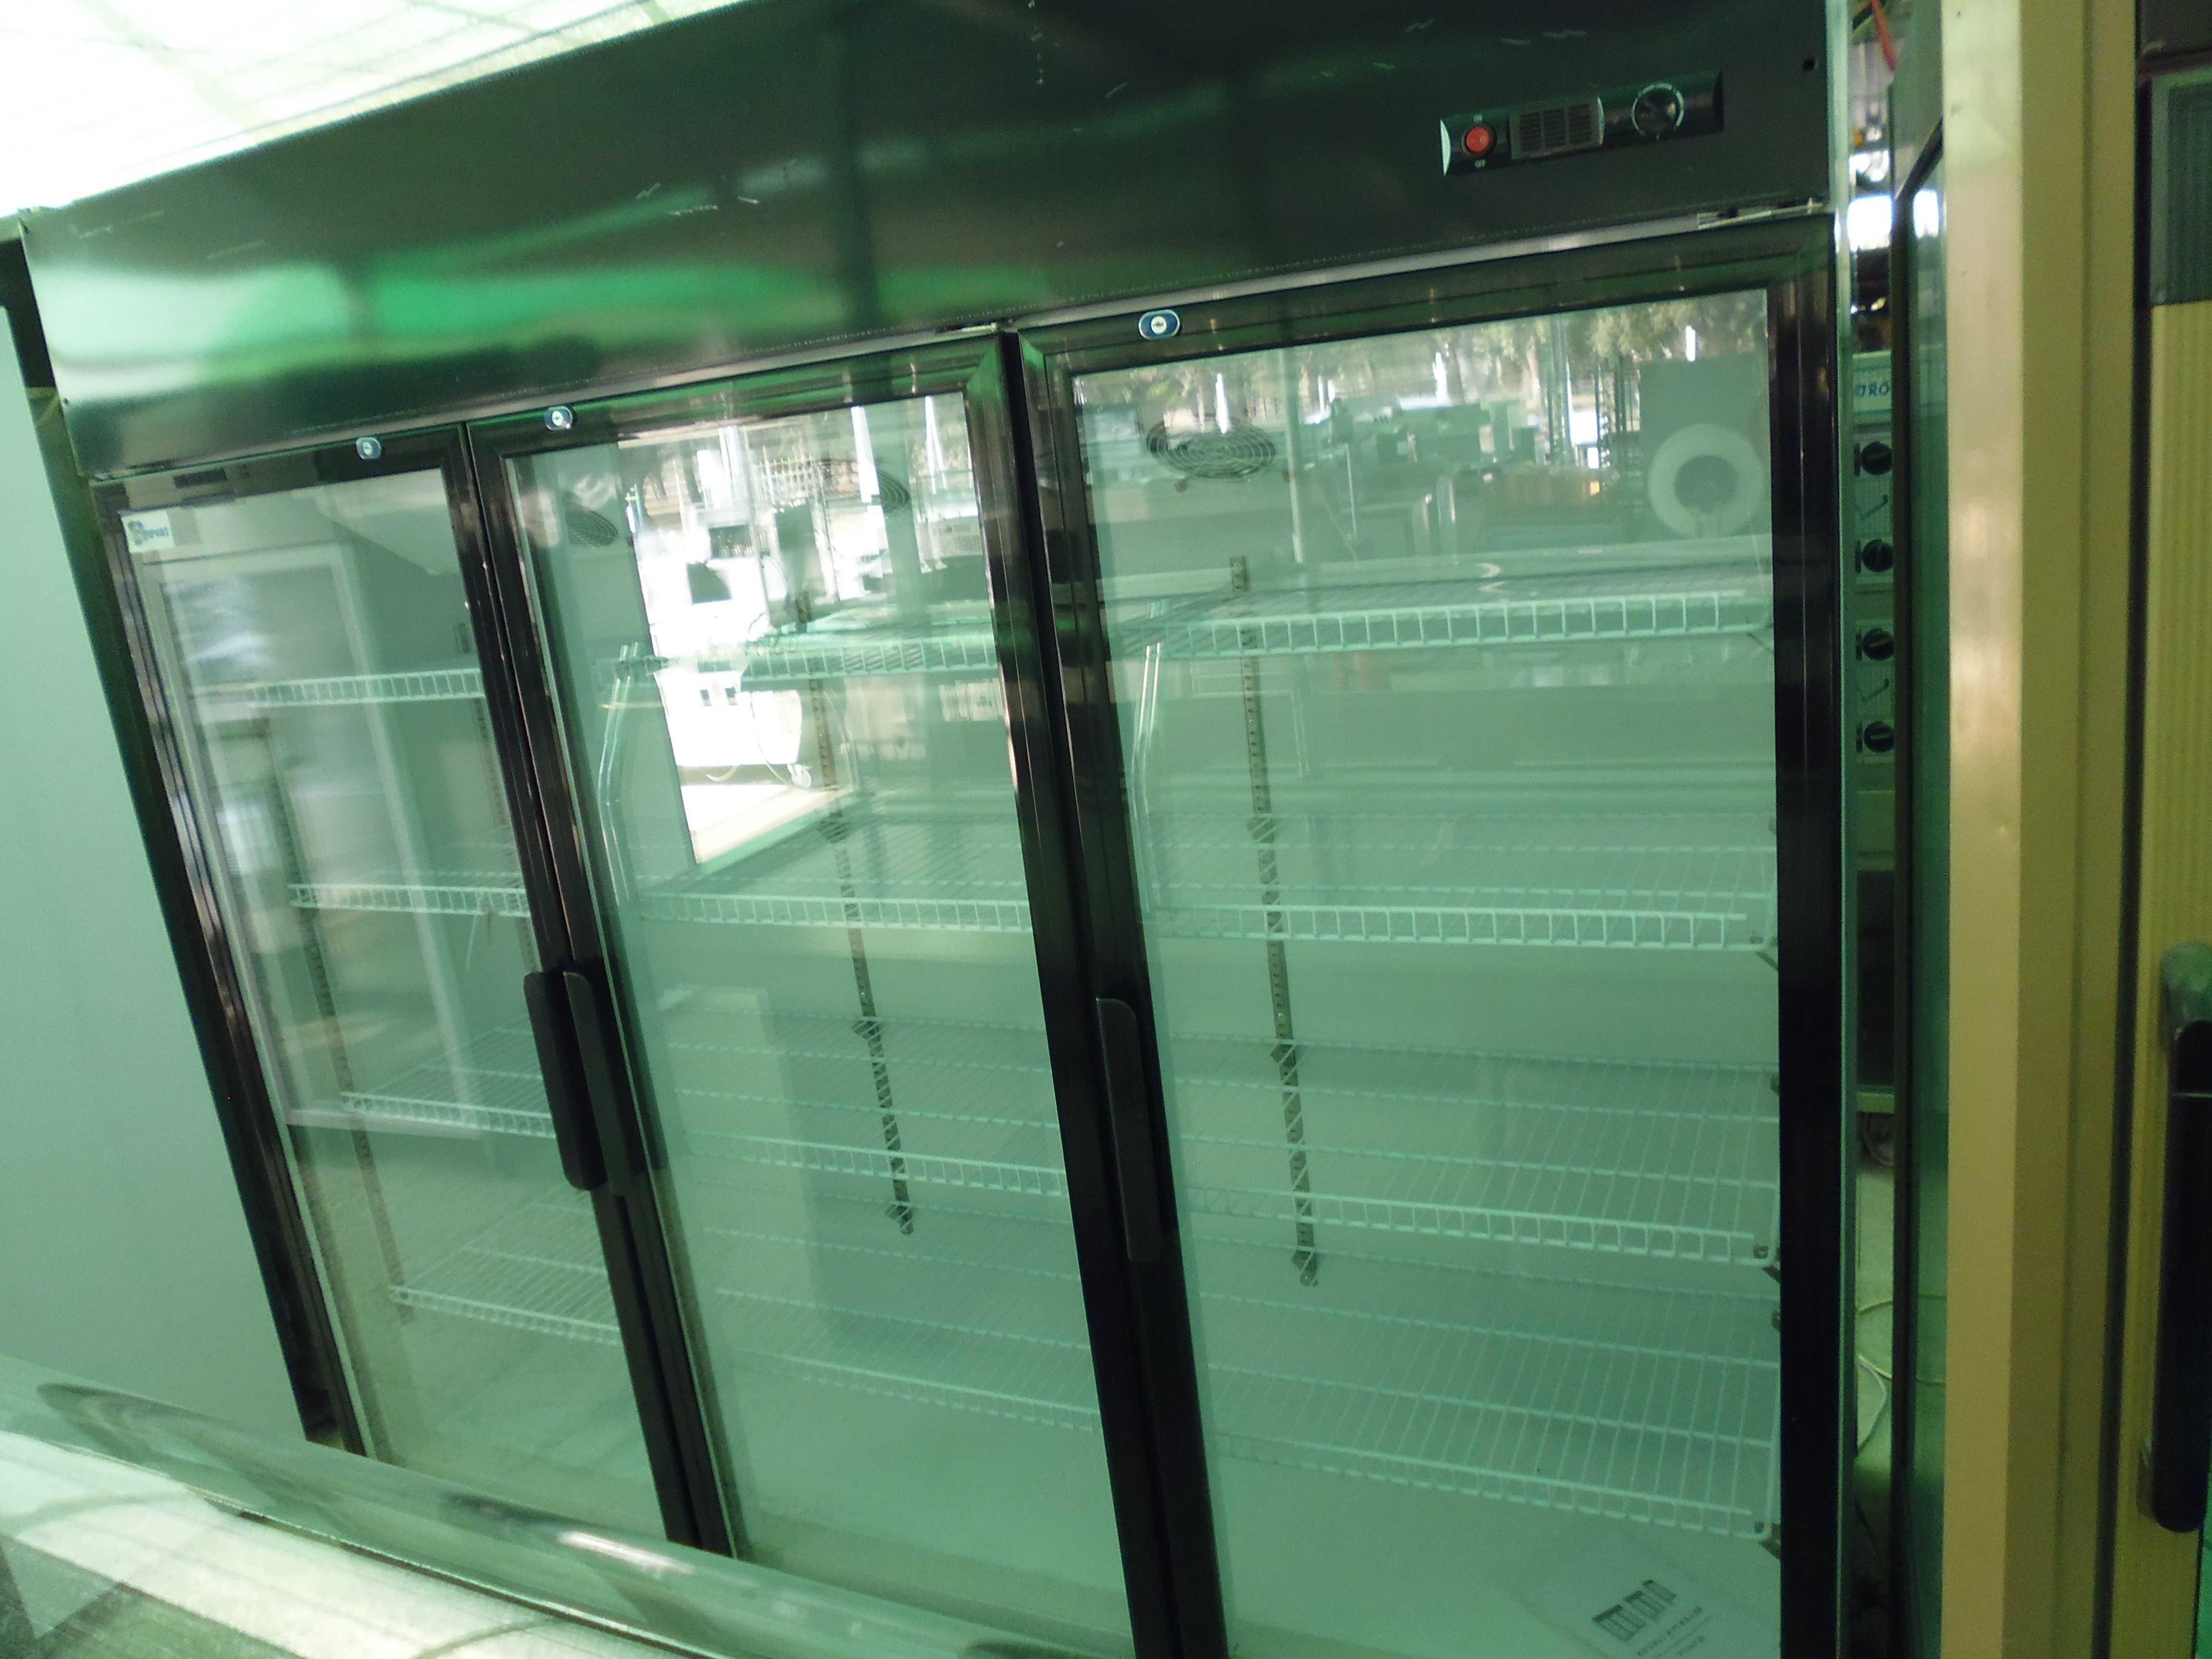 Frigorifico 3 portas em vidro